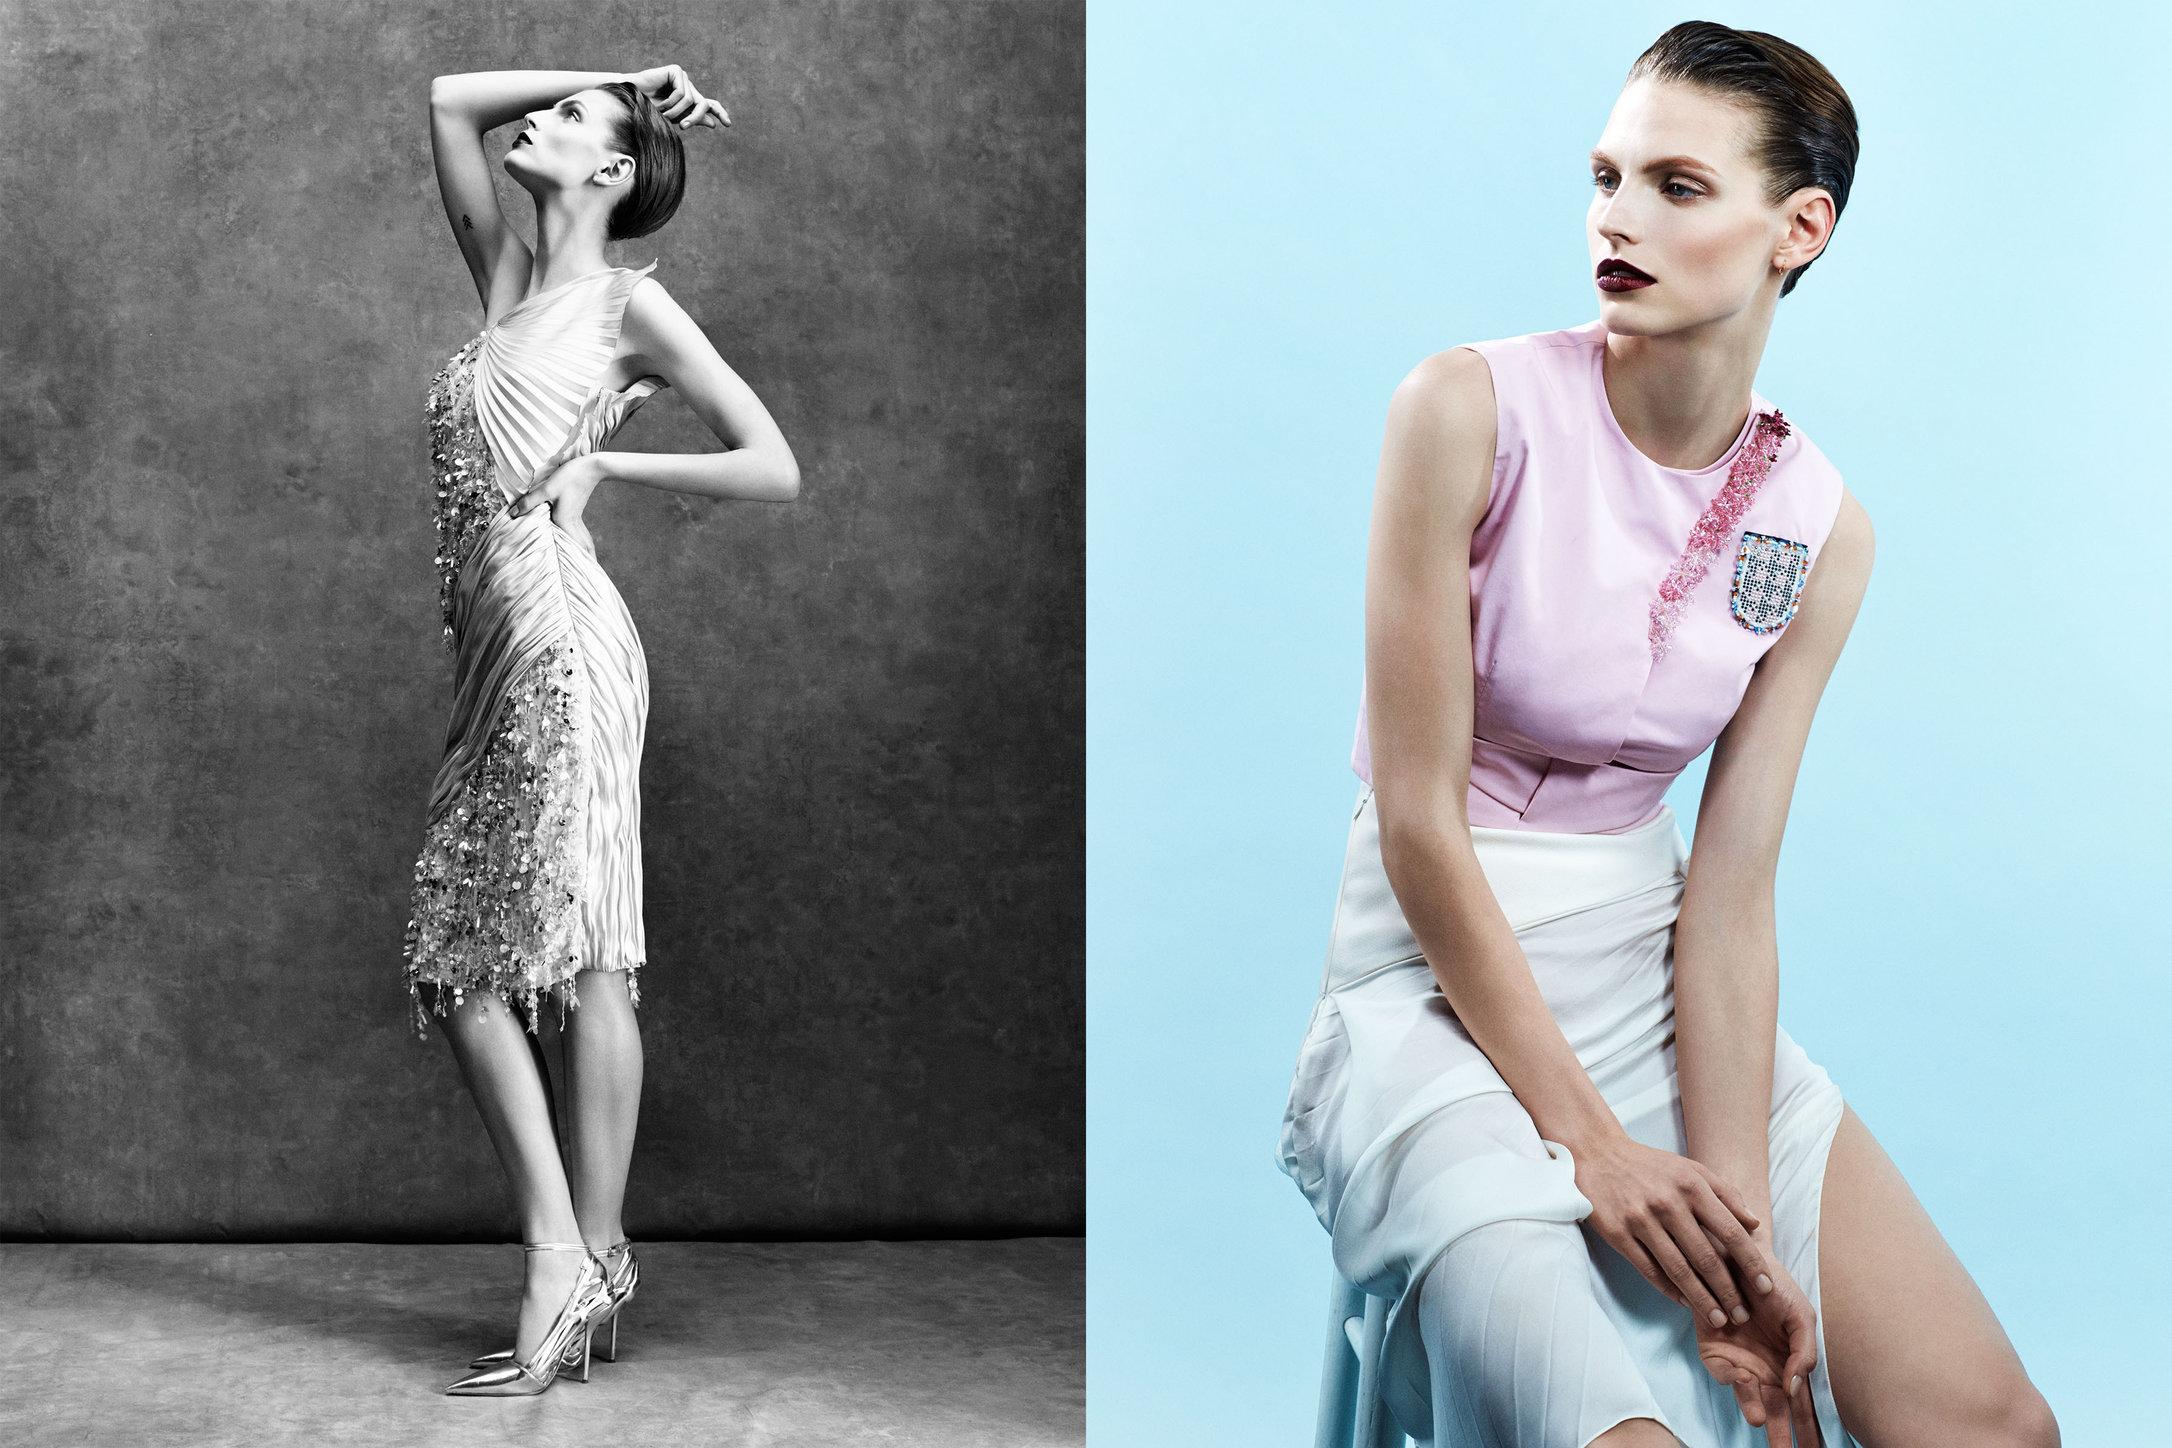 Vogue Spain. Karlina Caune. Christian Dior, April 2014.